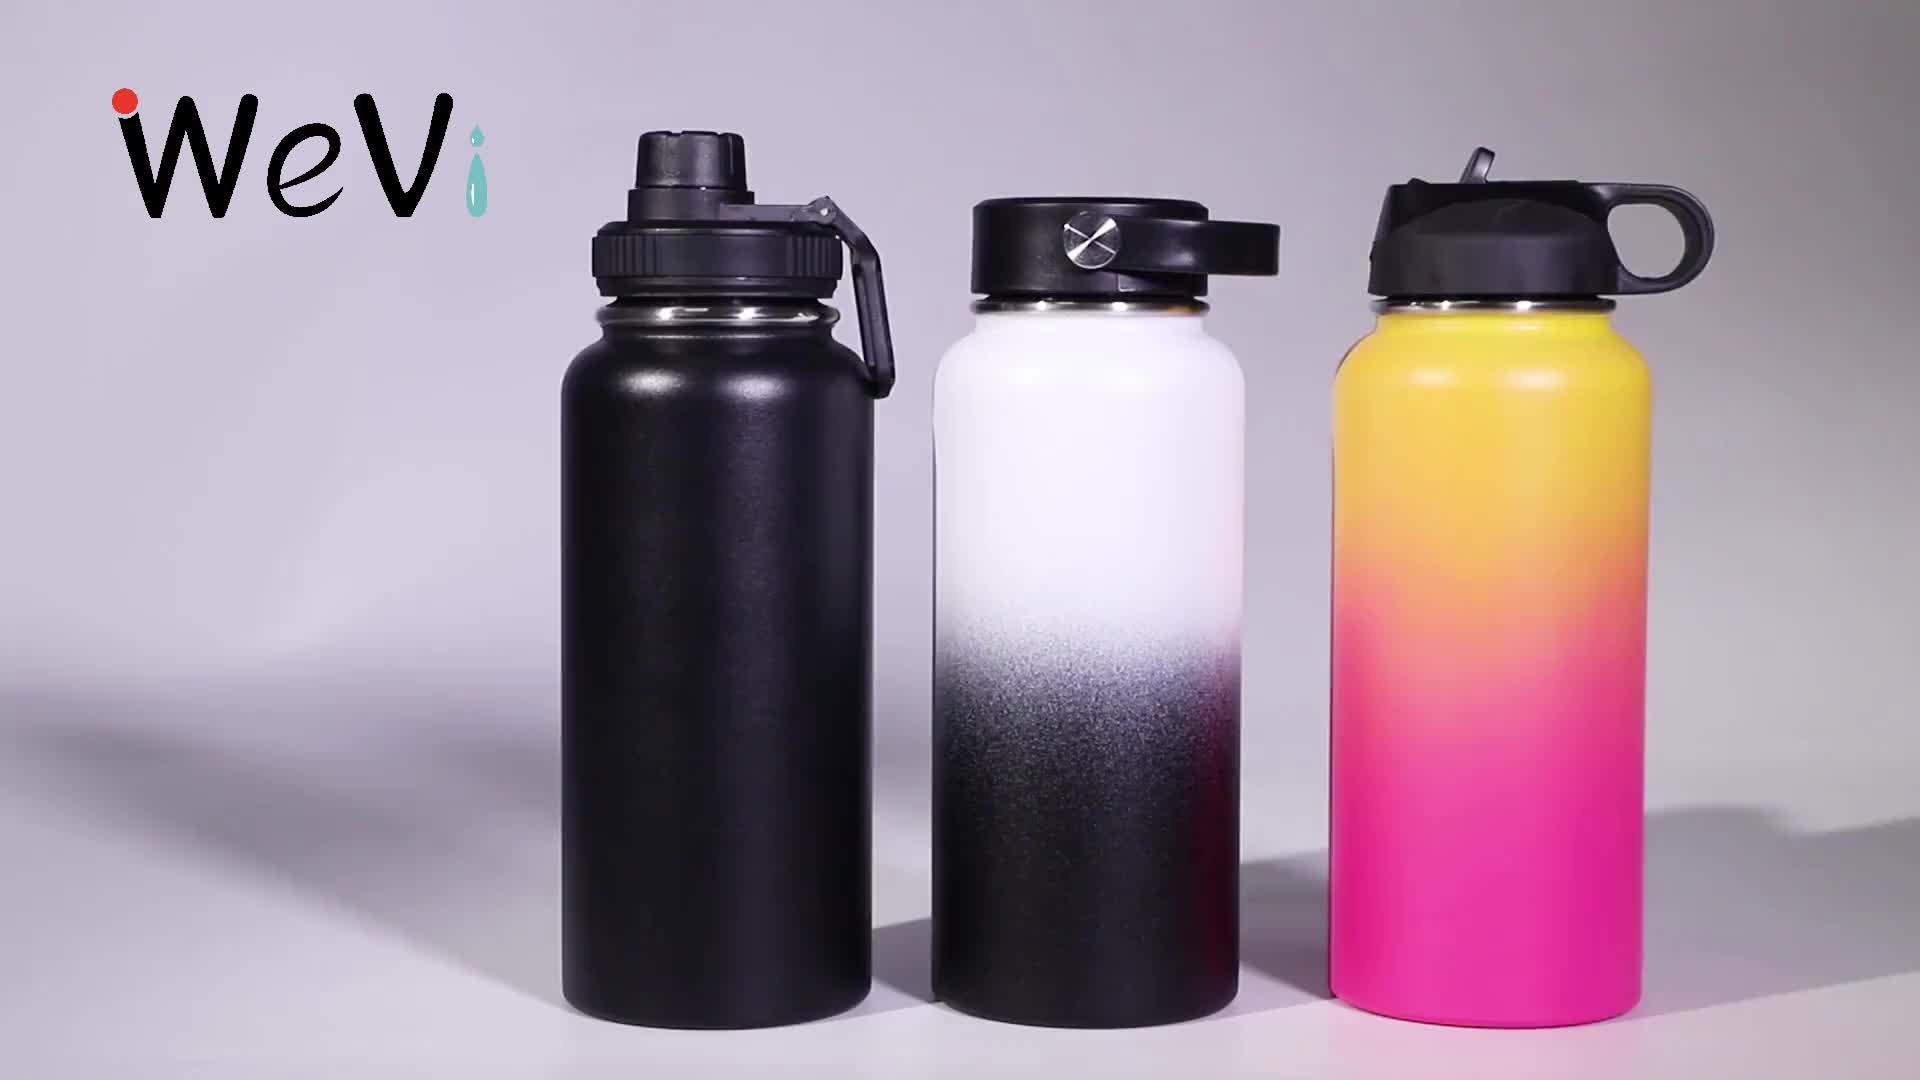 Wevi 高品質二重壁真空断熱ステンレス鋼スポーツウォーターボトルわらと卸売